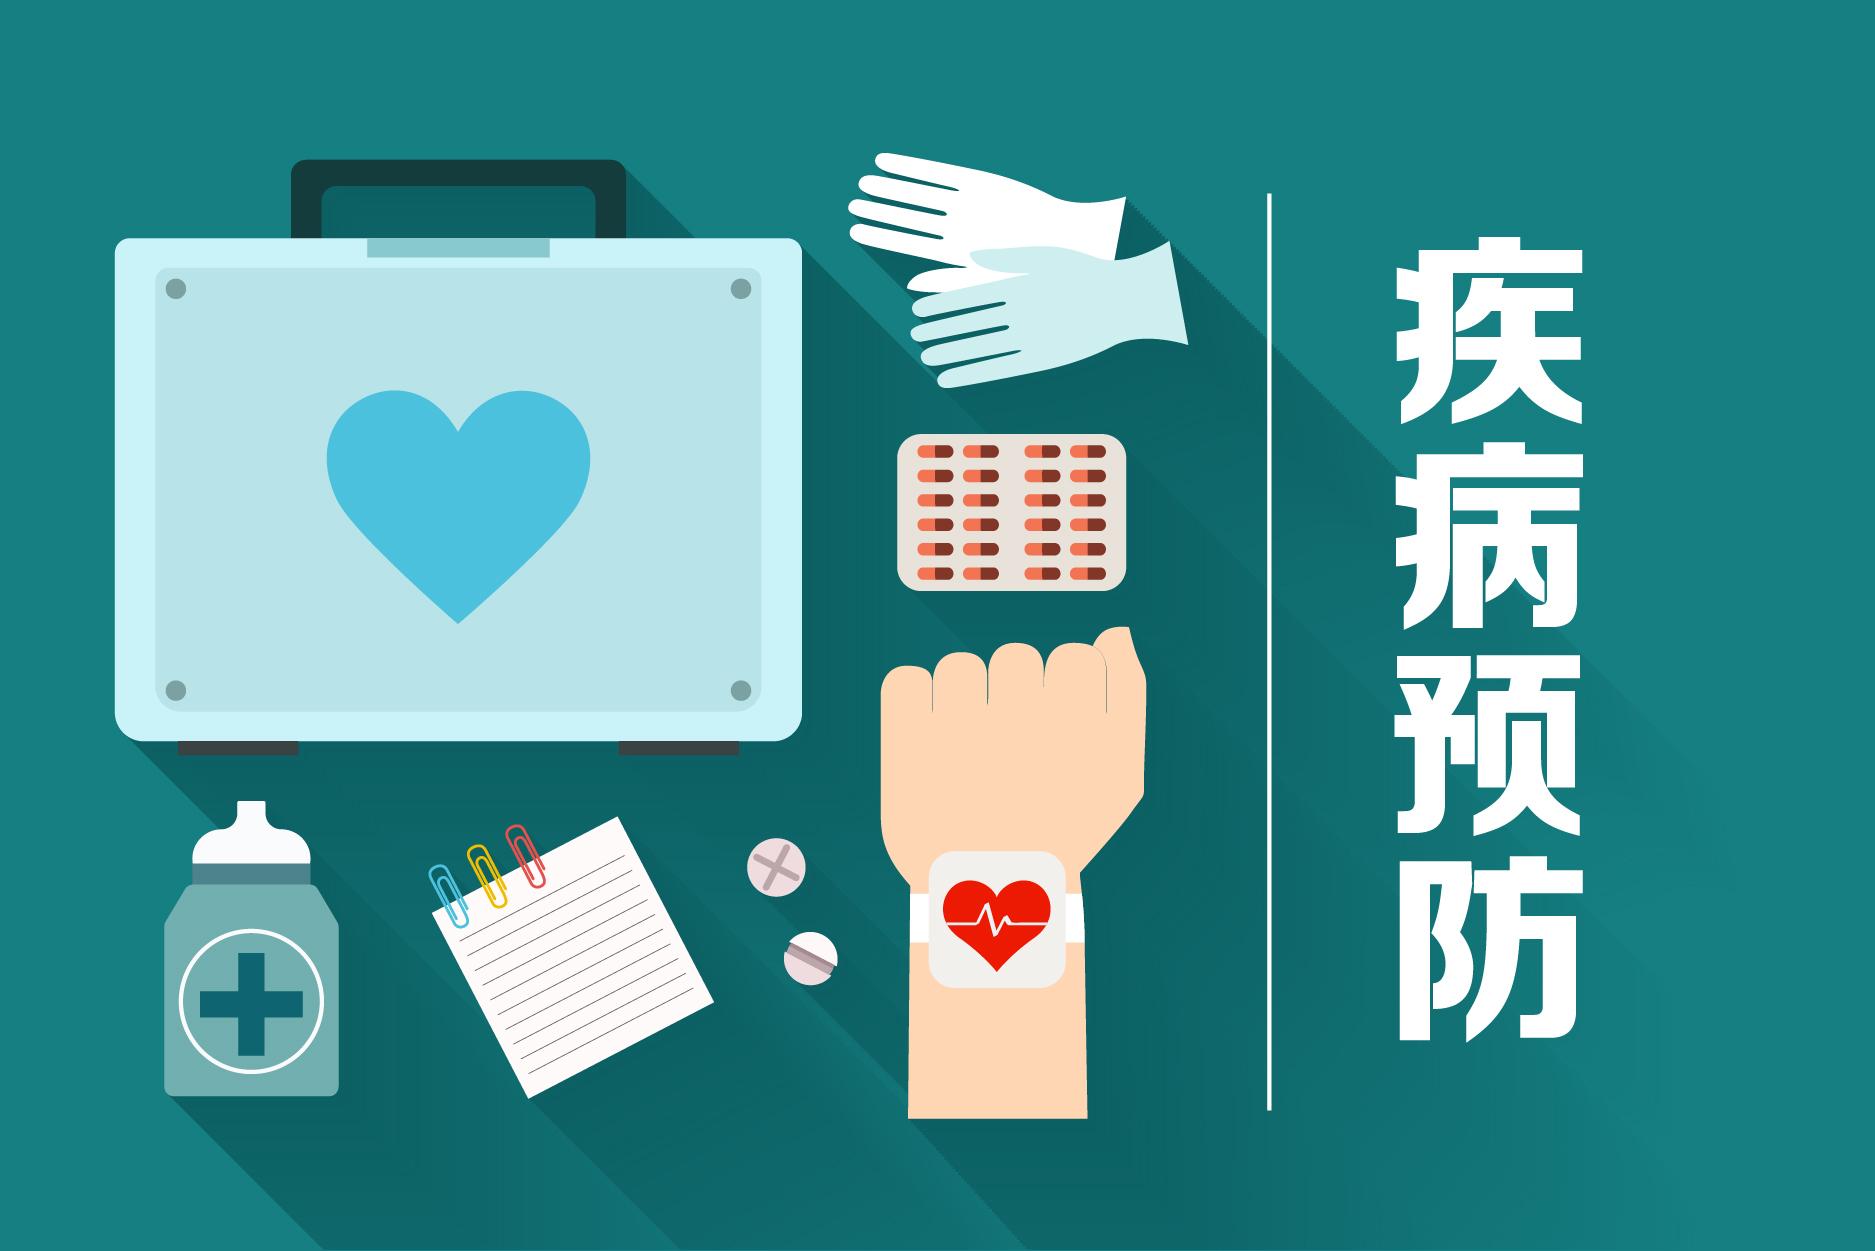 国际甲状腺知识宣传周:最该知道的4个甲状腺问题